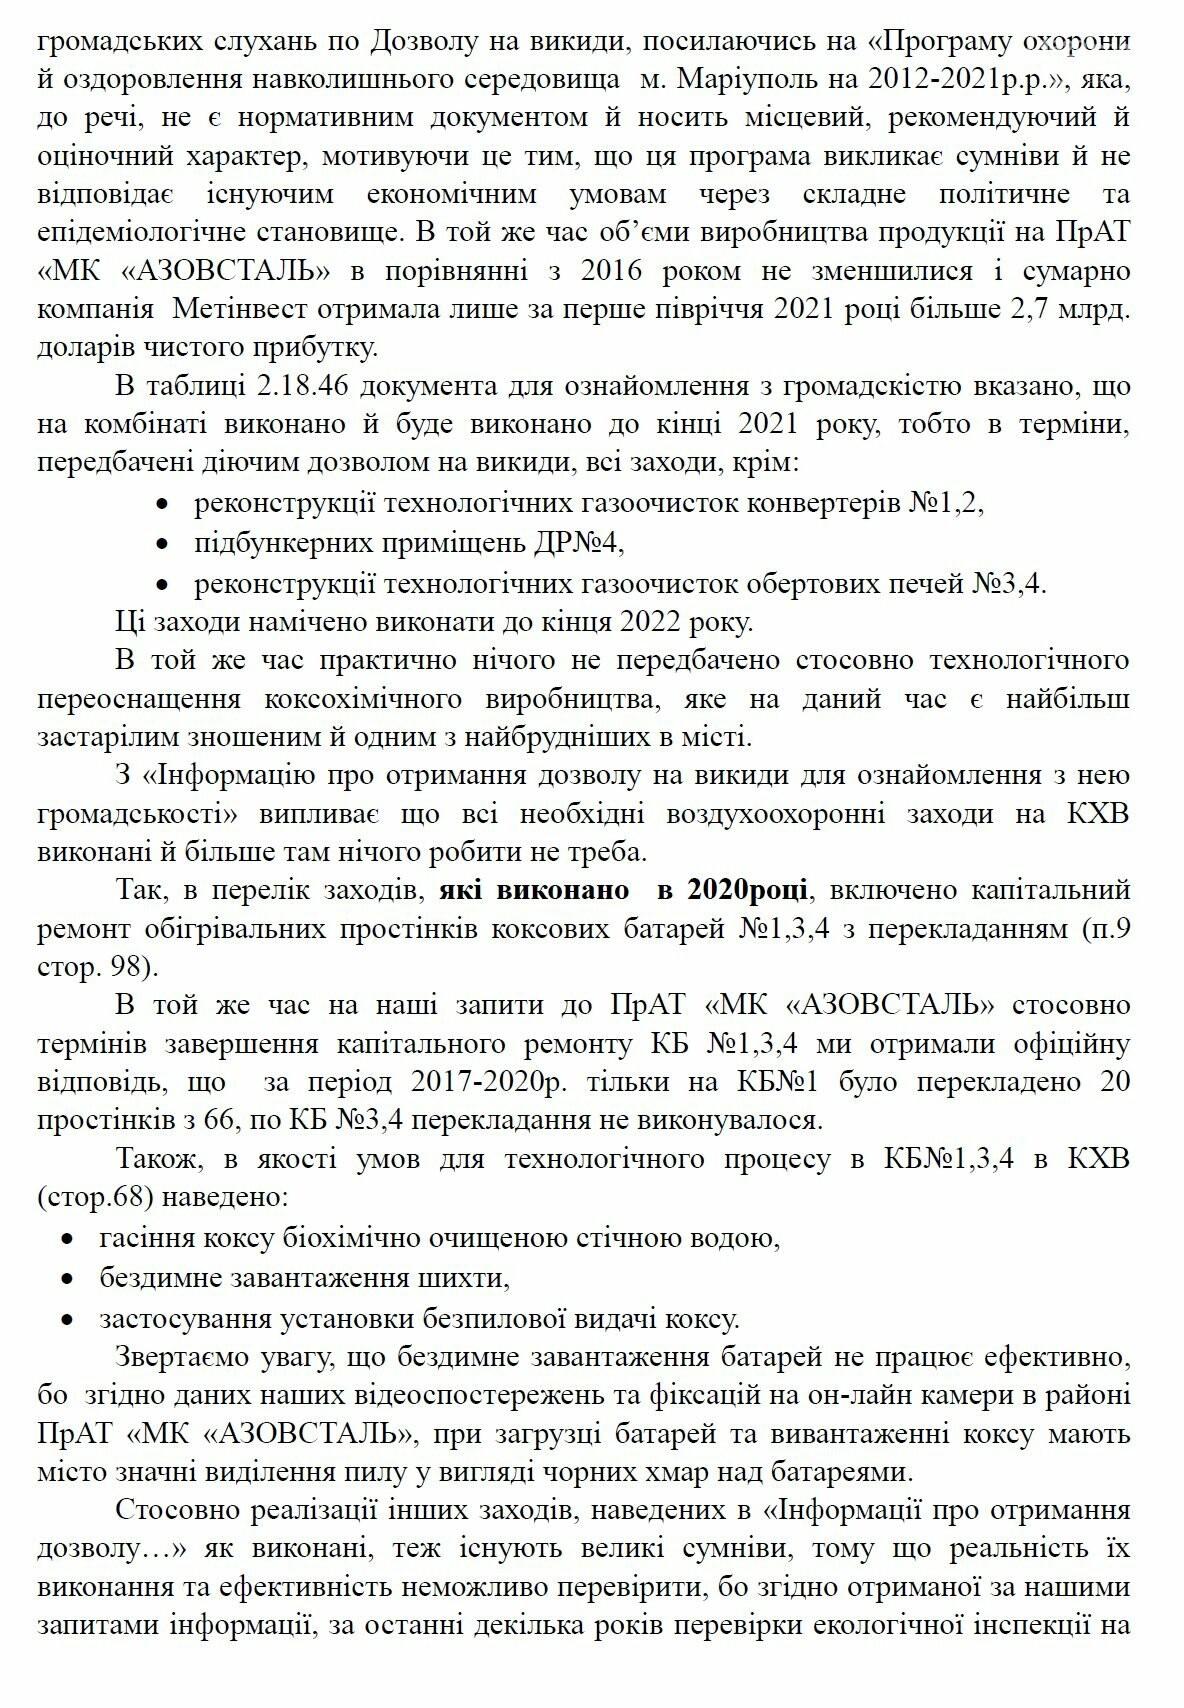 Экология SOS. «Азовсталь» хочет досрочно получить новые разрешения на выбросы, фото-2